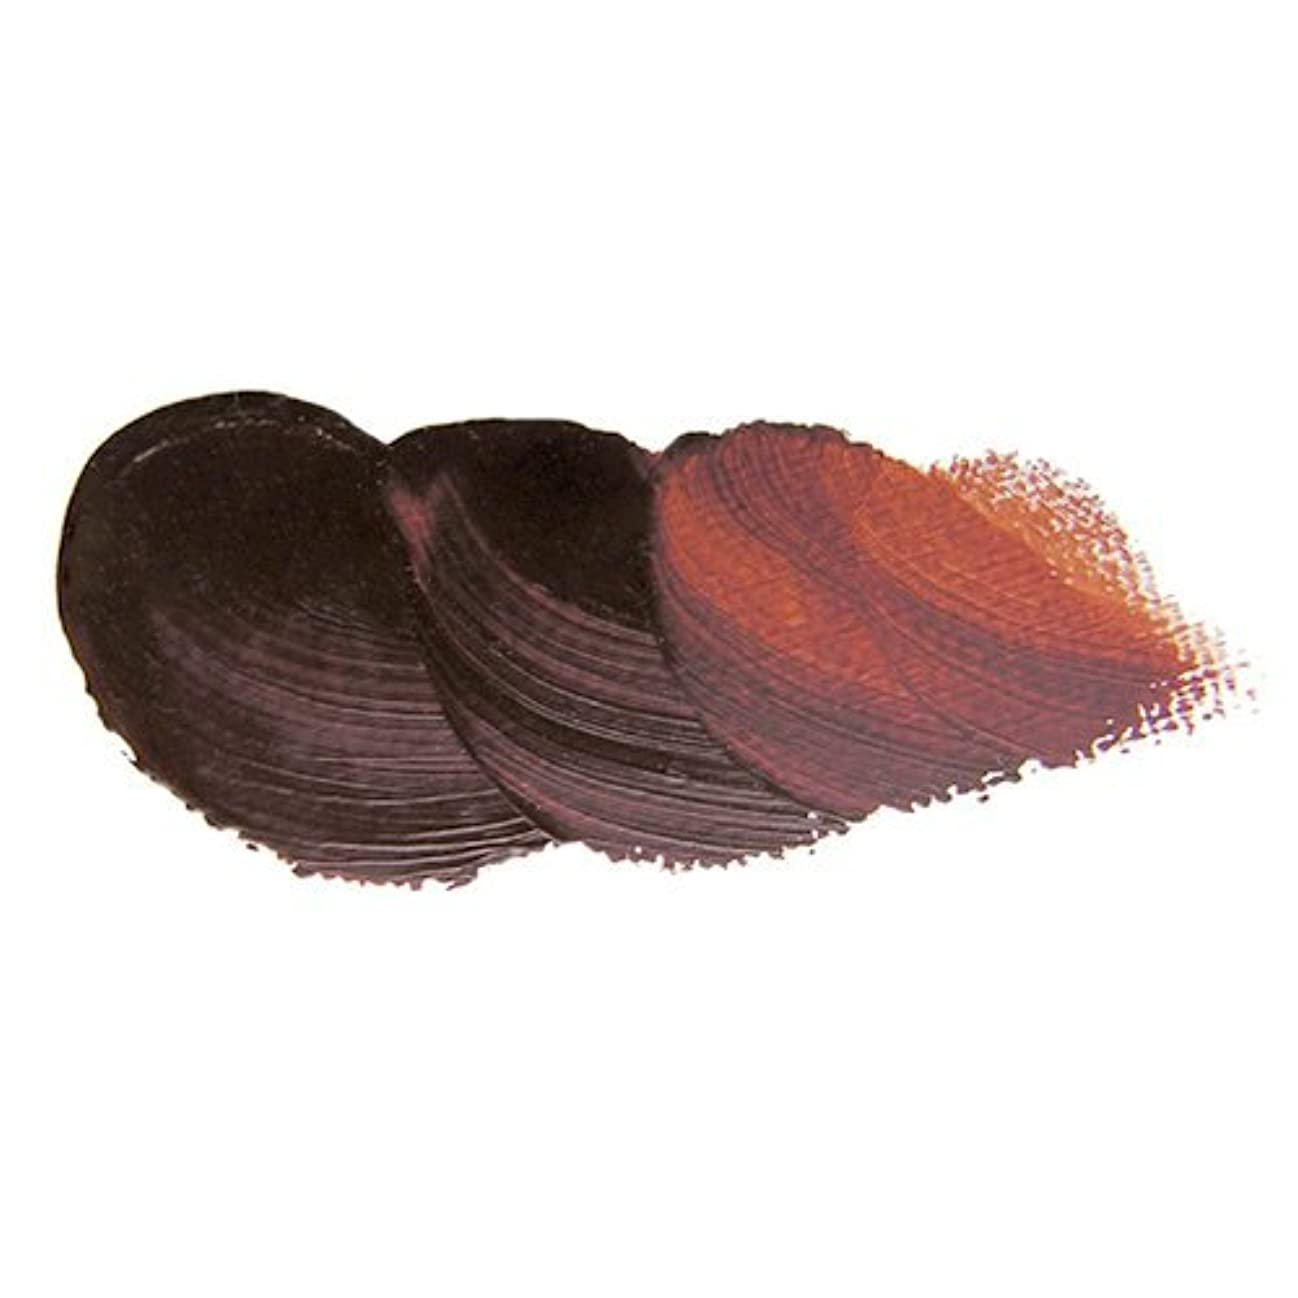 濃度特別にみなすホルベイン 油絵具 高品位油絵具 ヴェルネ バーントシェンナ V065 20ml(6号)